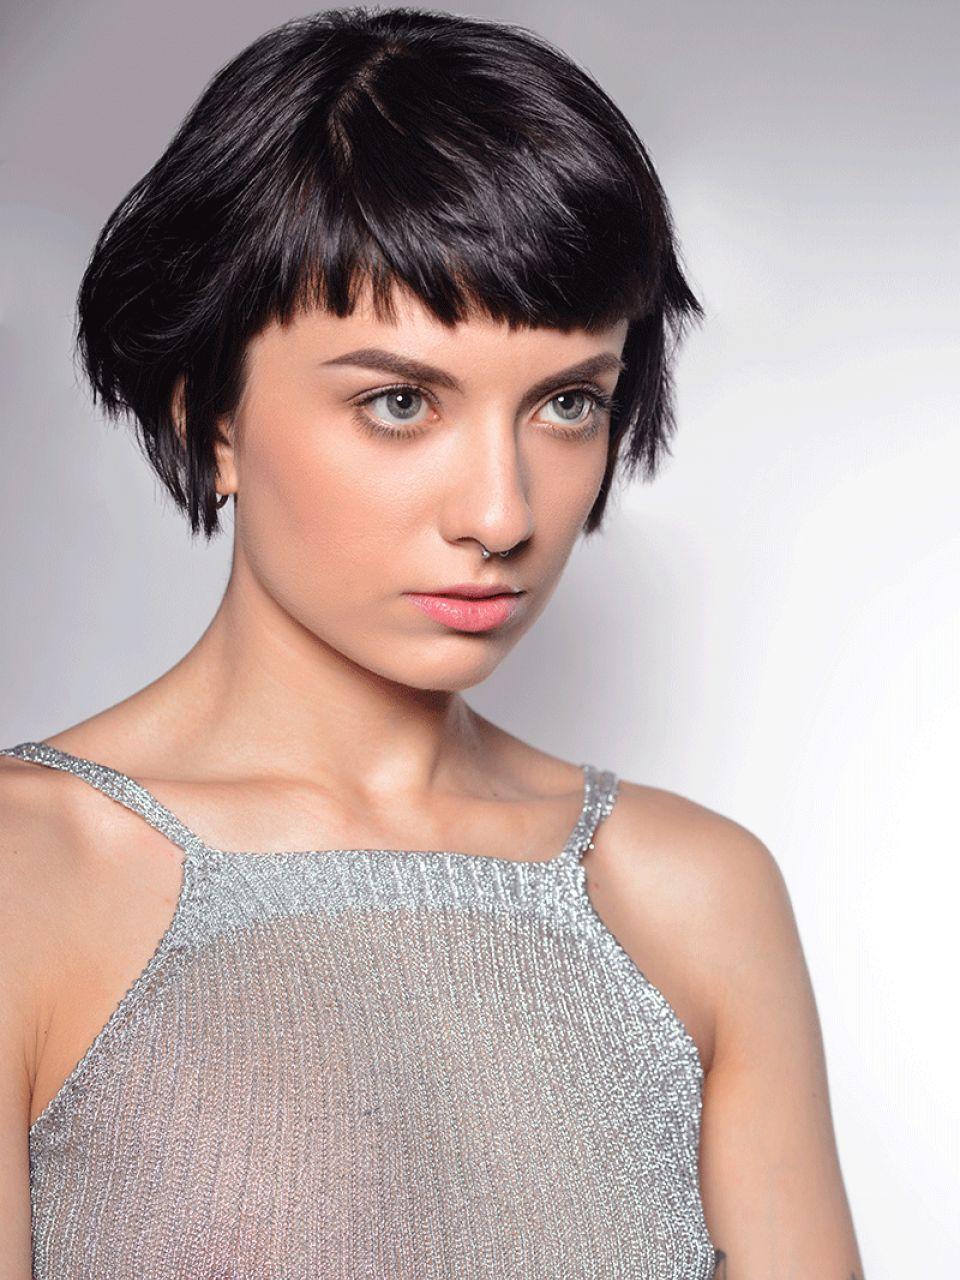 Mittellang ab 45 frisuren Frisuren Lang